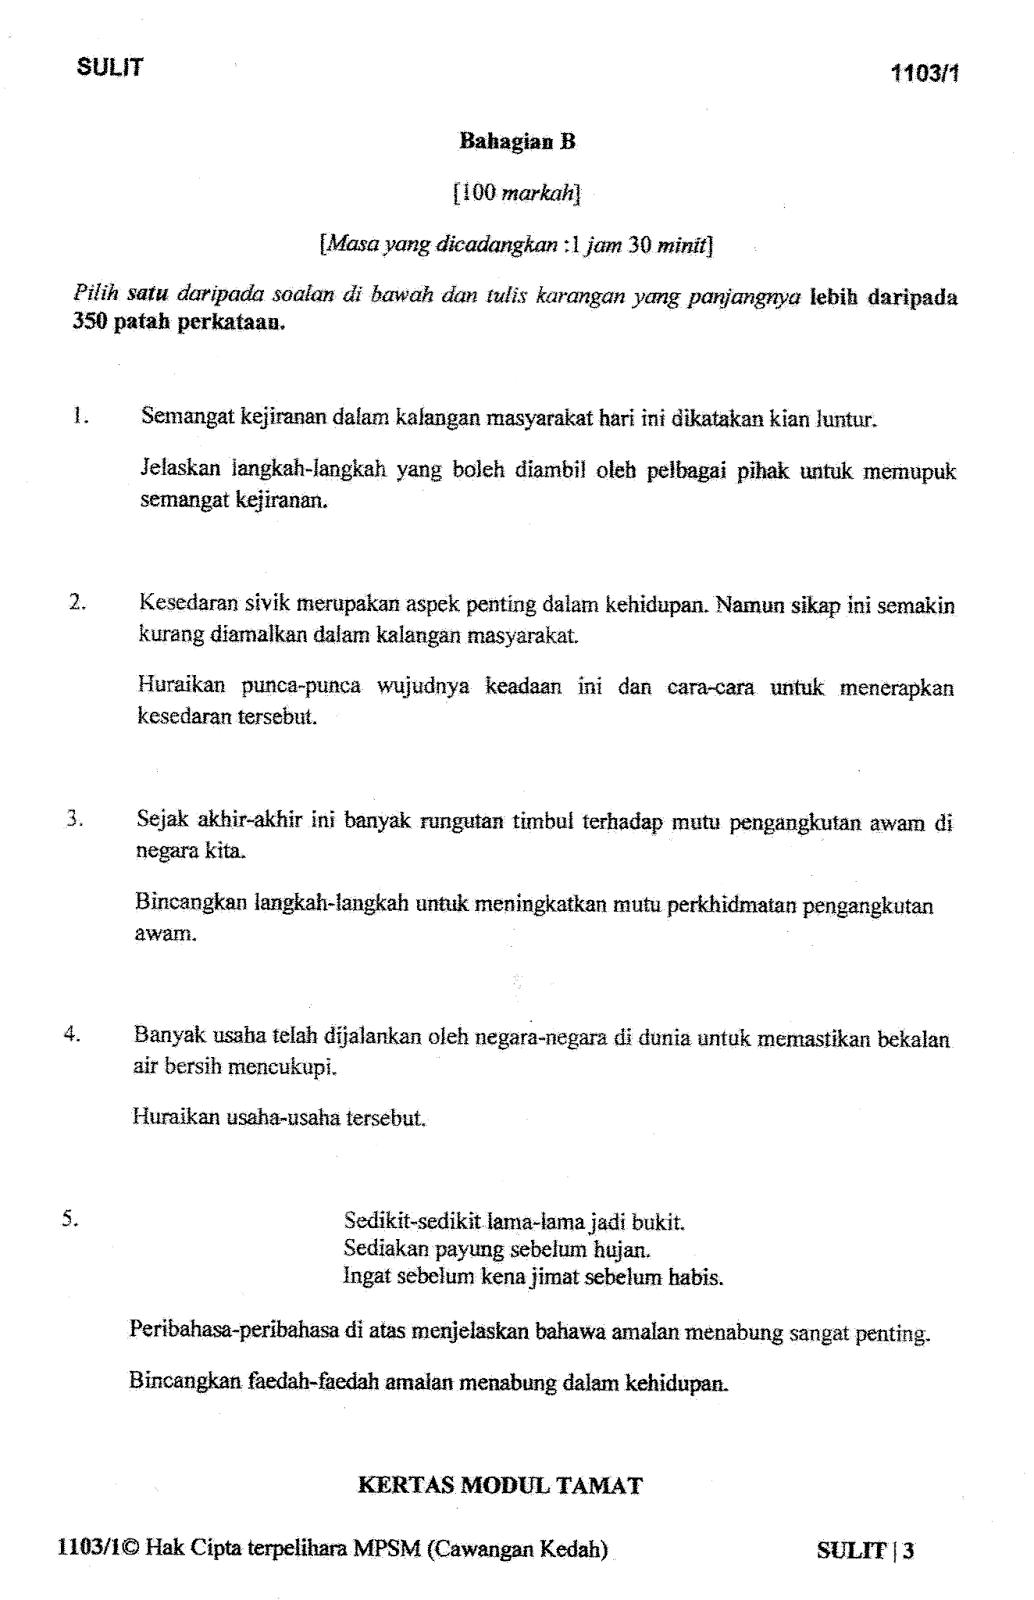 Soalan Percubaan Bahasa Melayu Spm 2016 Kedah 1